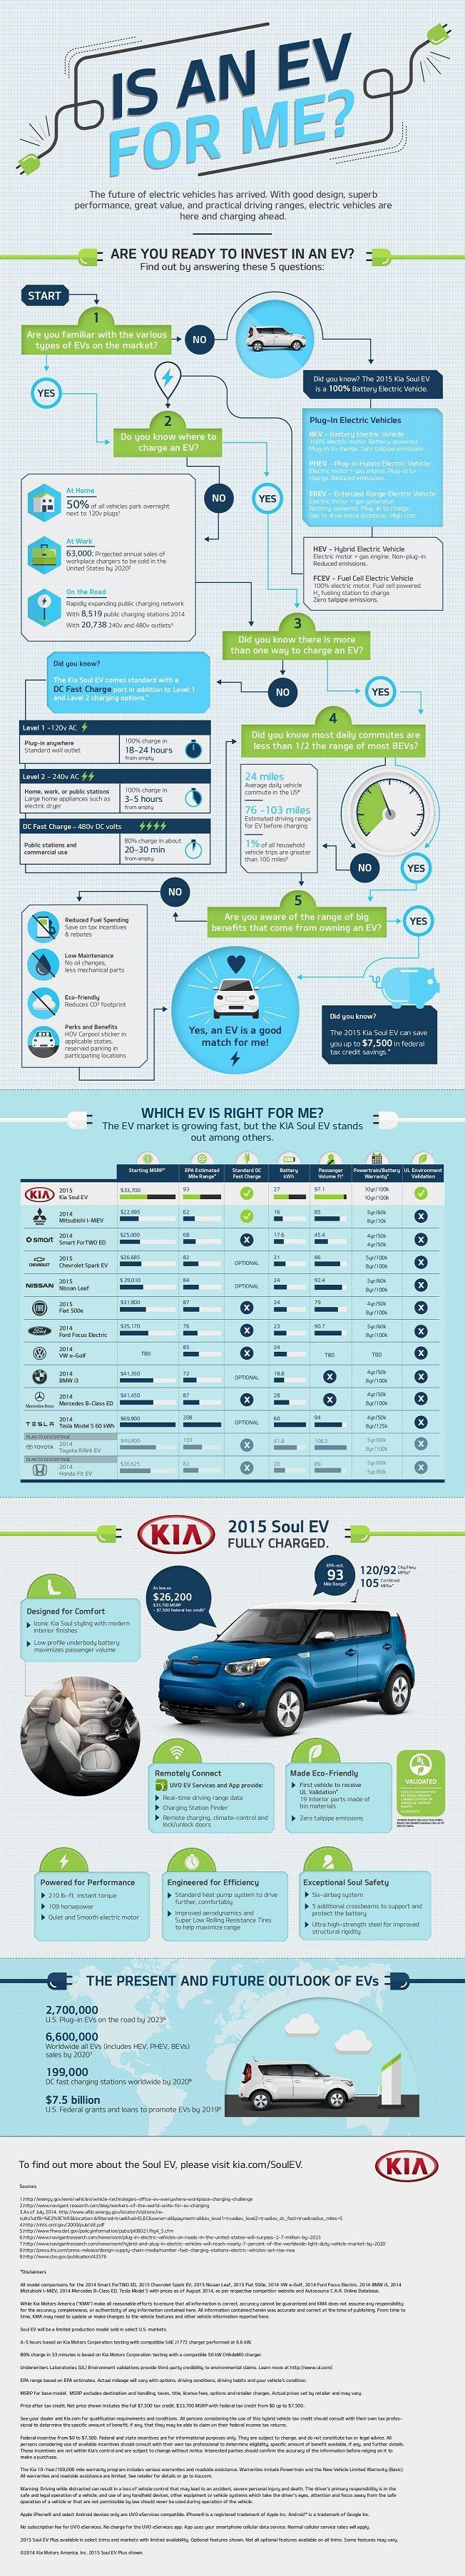 Kia Soul Ev Electric Car Infographic Electric Car Infographic Electric Car Design Electric Cars [ 3611 x 652 Pixel ]